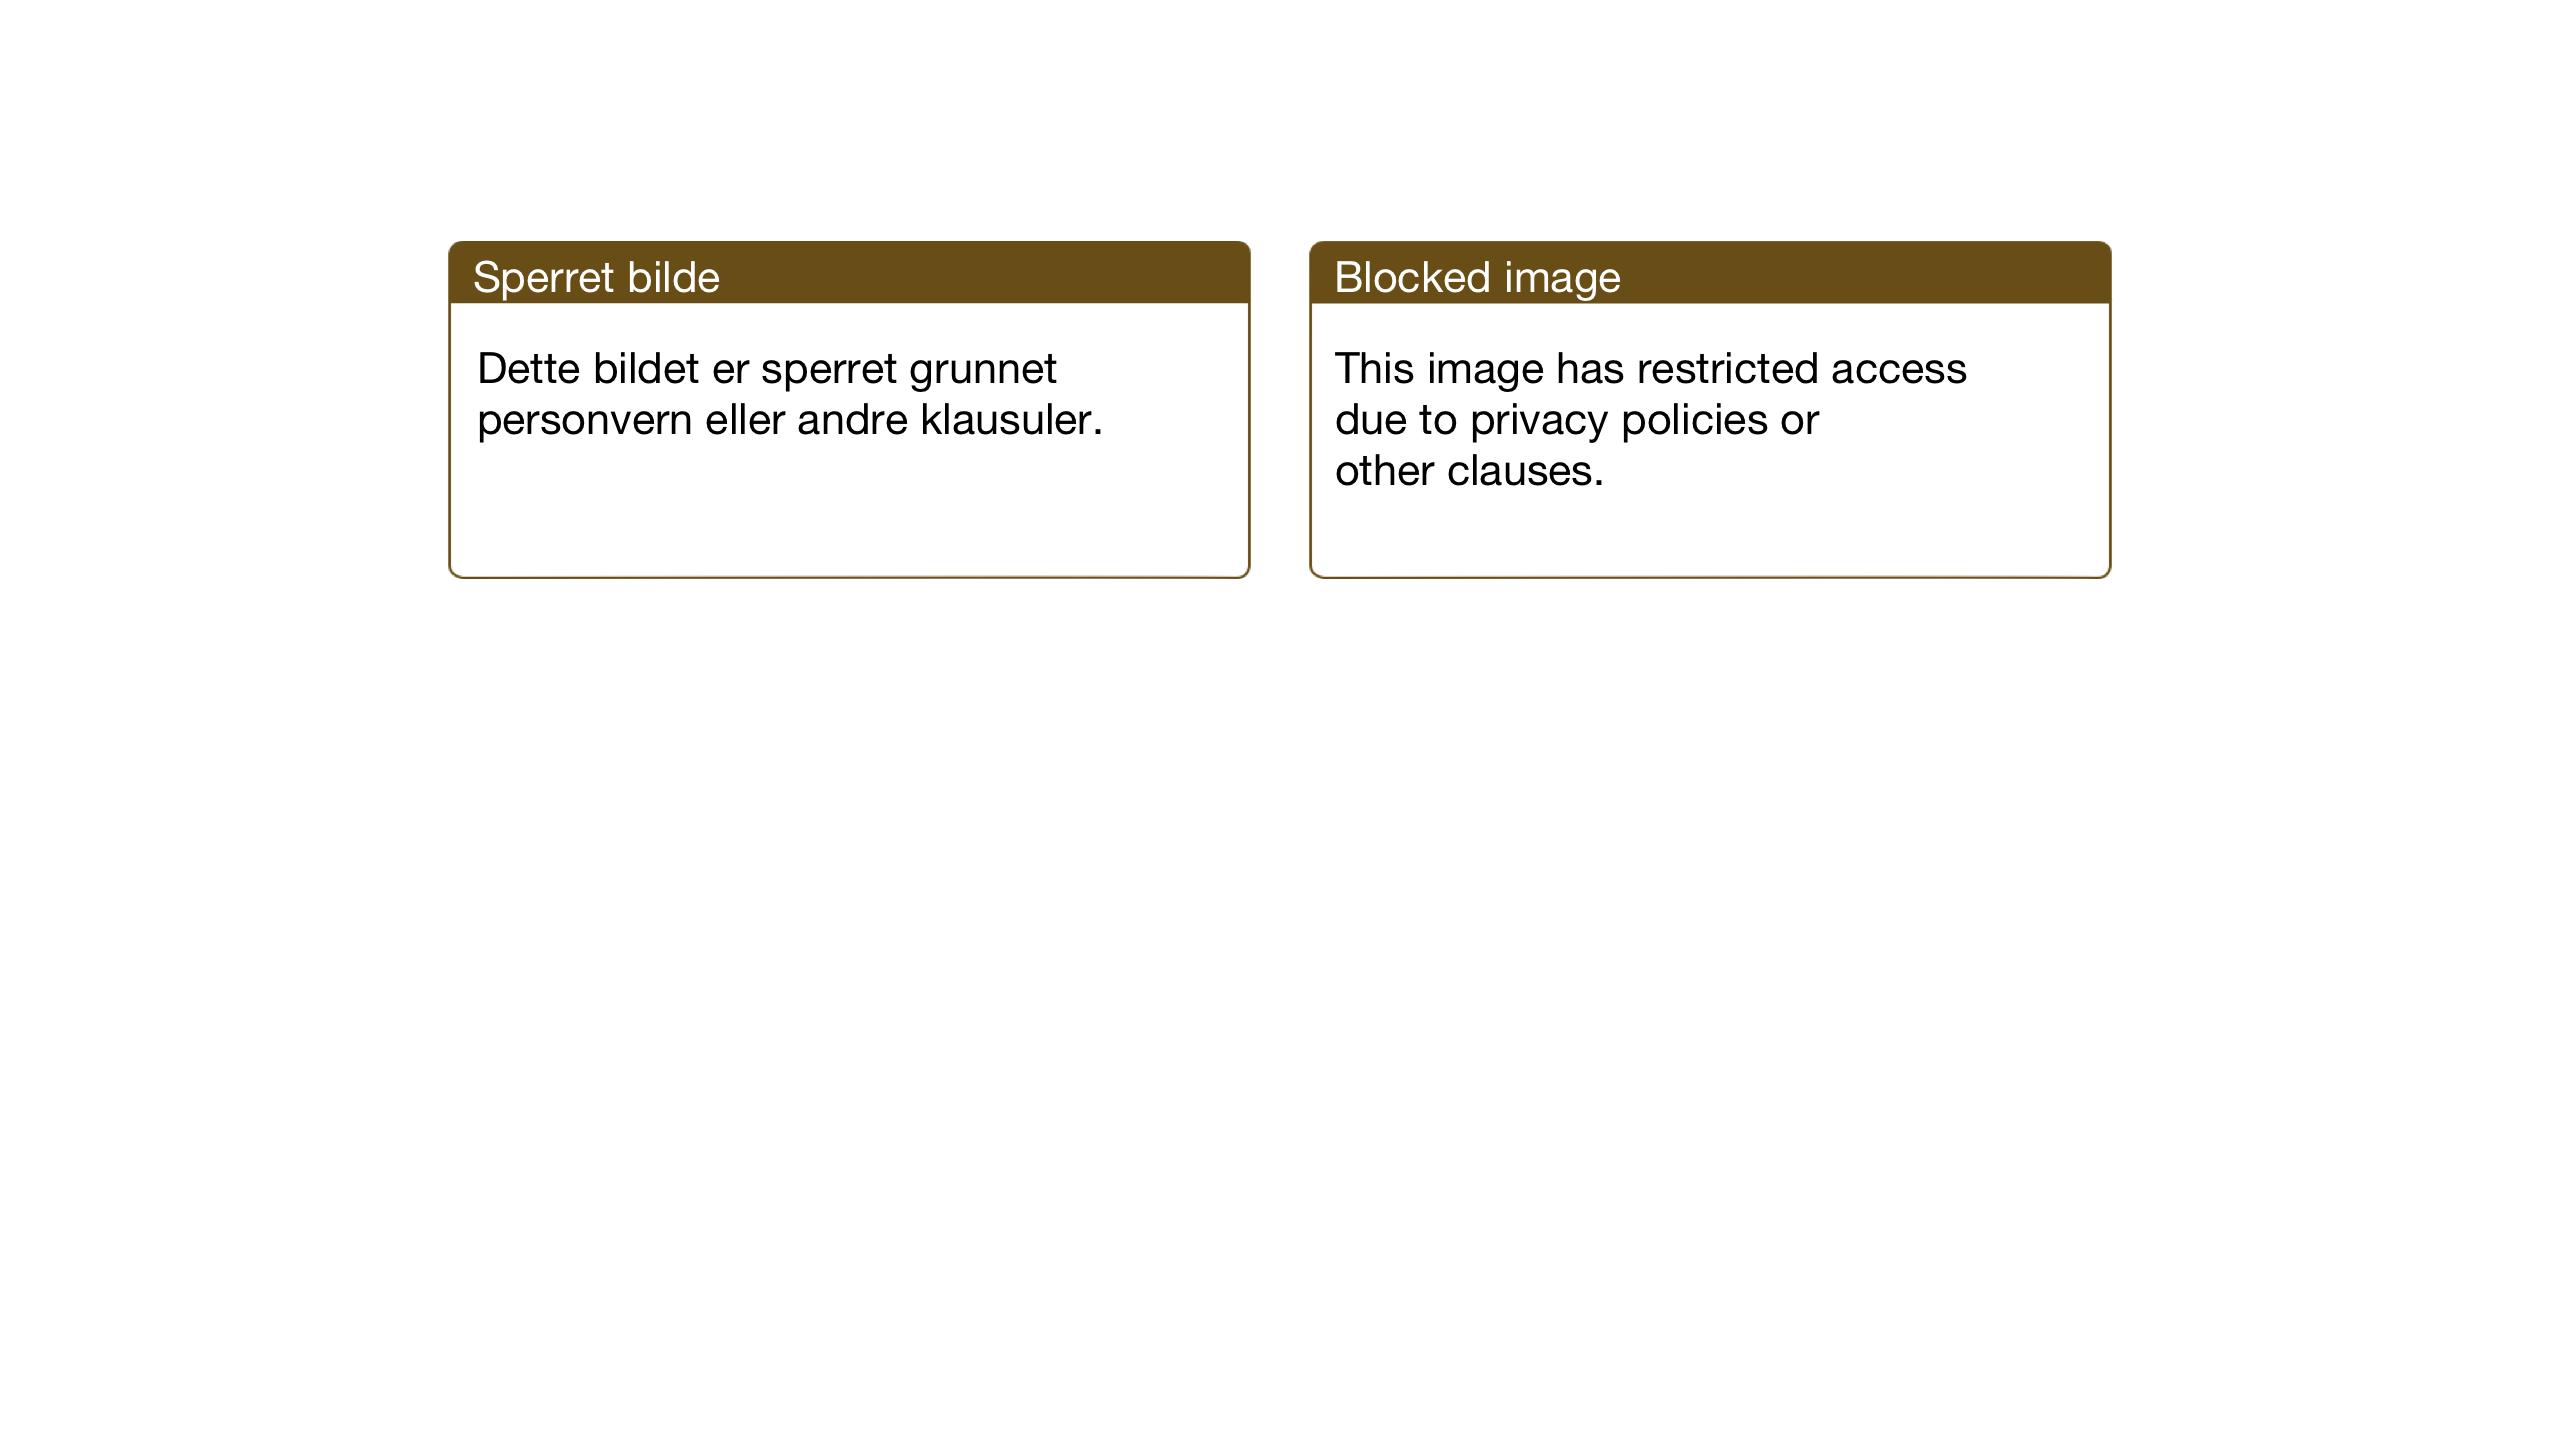 SAT, Ministerialprotokoller, klokkerbøker og fødselsregistre - Sør-Trøndelag, 675/L0888: Klokkerbok nr. 675C01, 1913-1935, s. 65